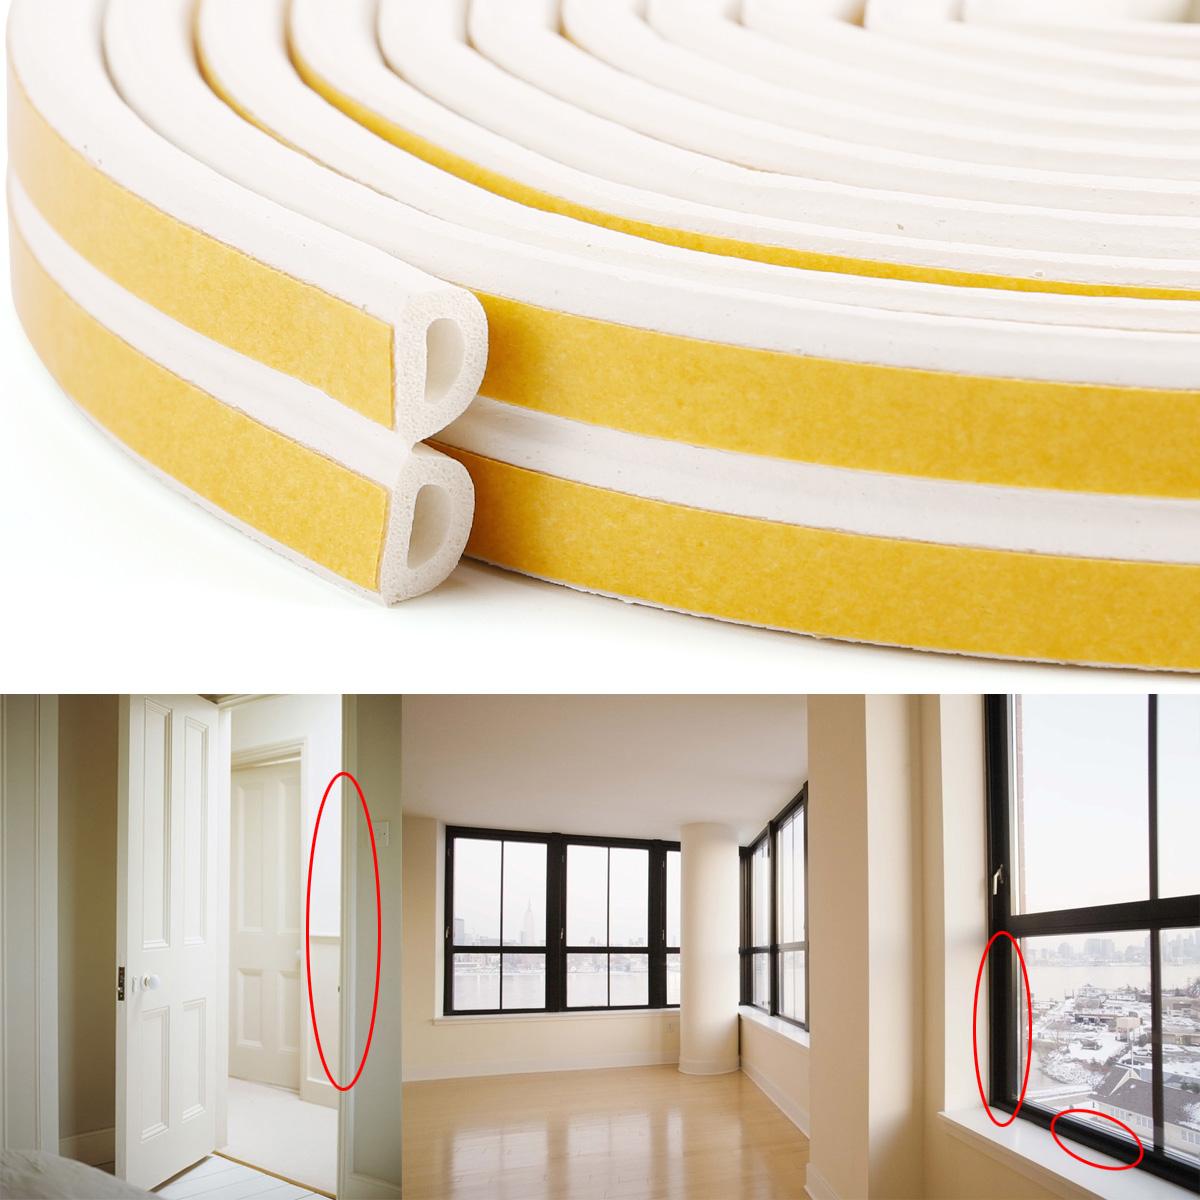 Door Accessories Adhesive Foam Weather Waterproof Draught